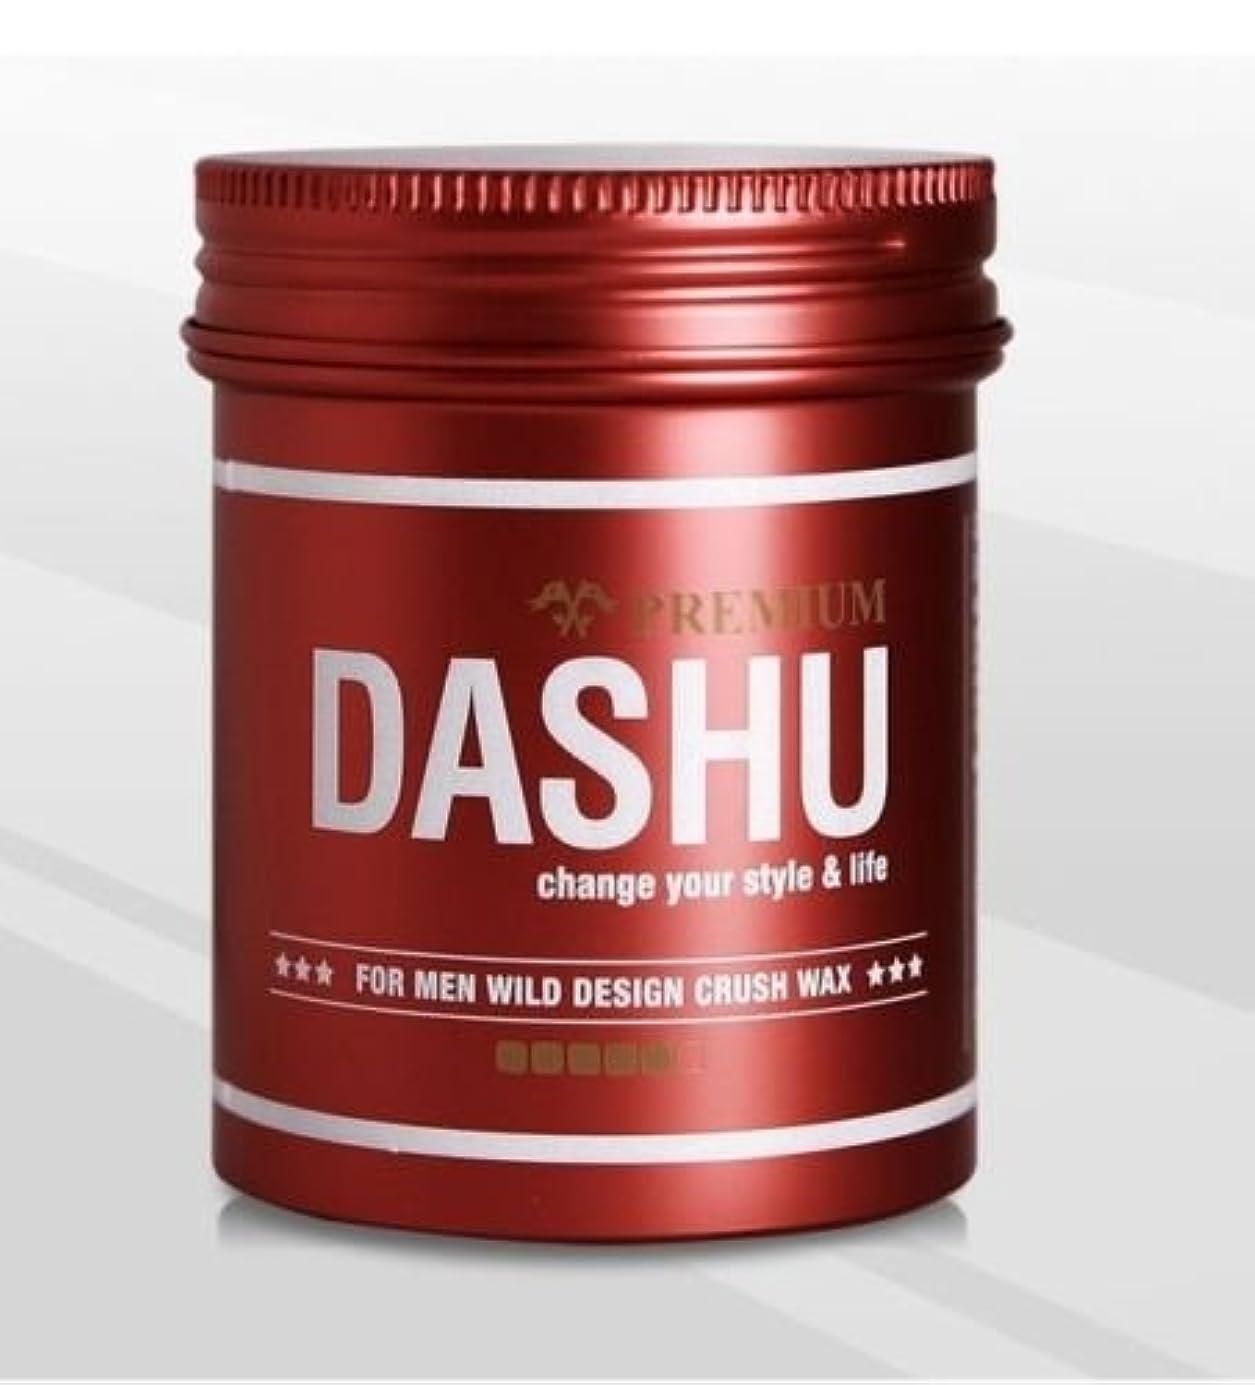 交じる出します反映する[DASHU] ダシュ For Men男性用 プレミアムワイルドデザインクラッシュワックス Premium Wild Design Crush Hair Wax 100ml / 韓国製 . 韓国直送品